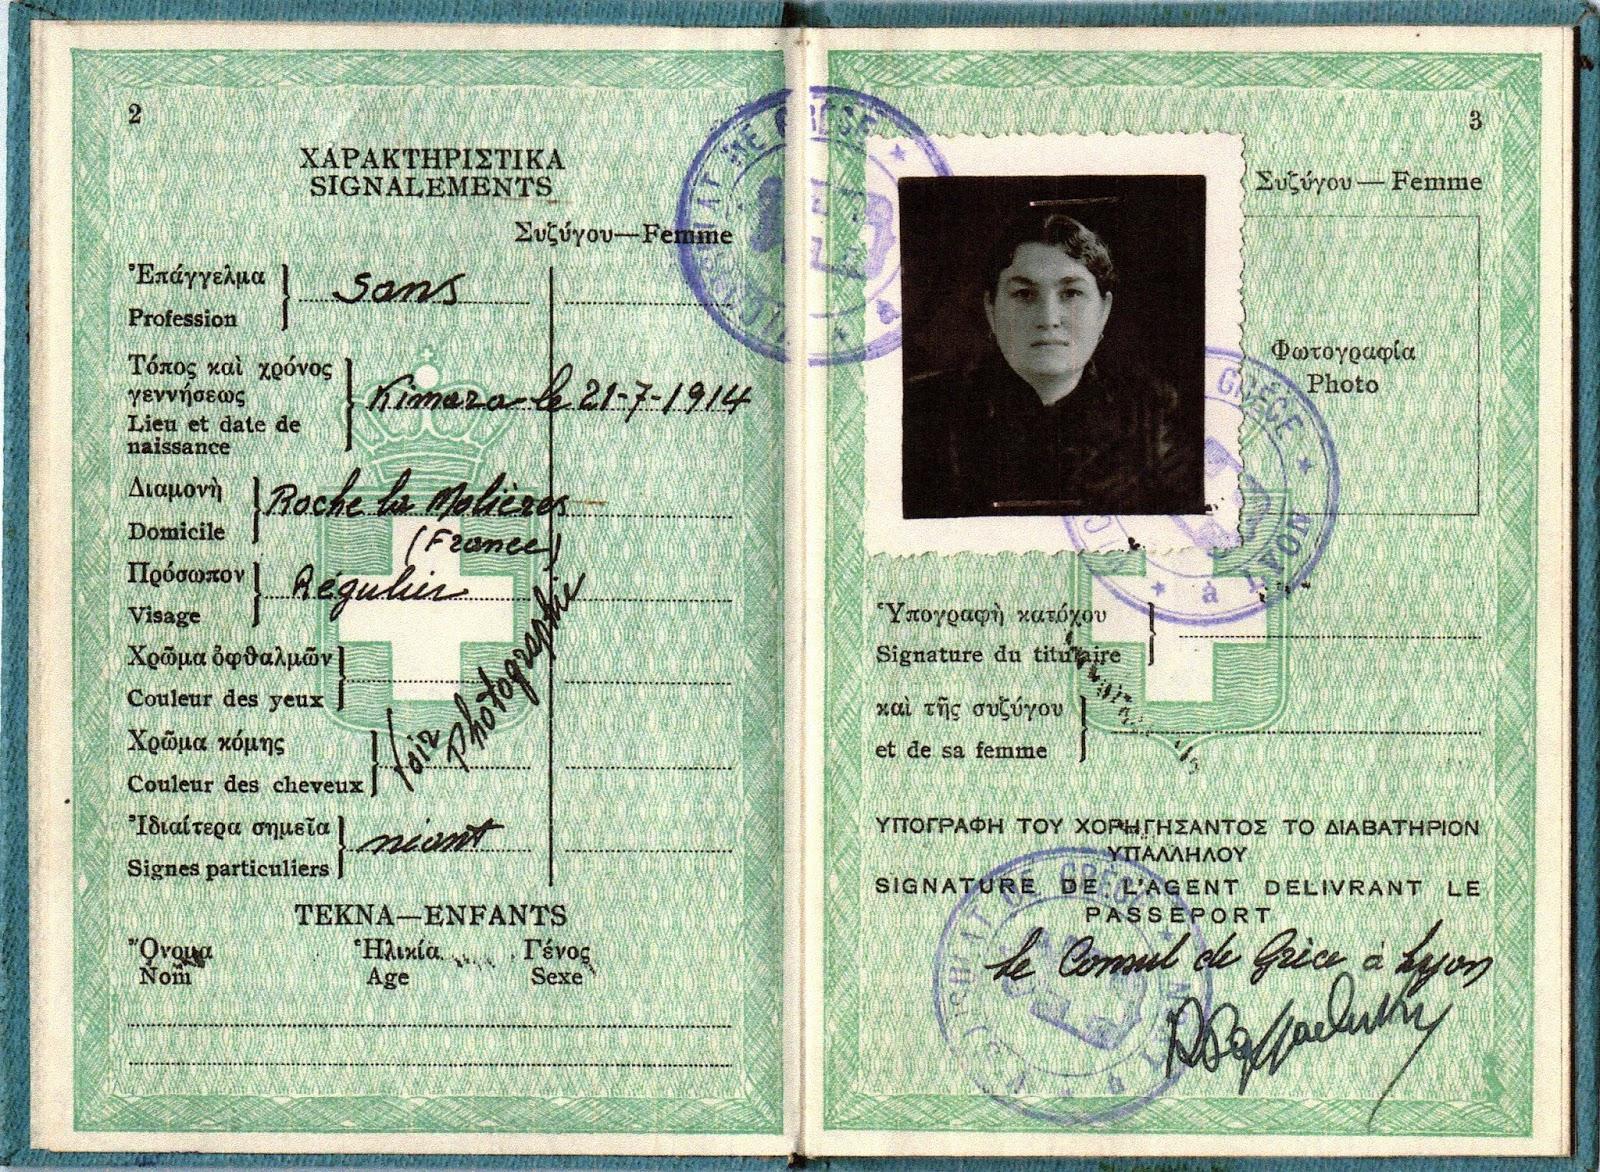 Ελευθερία Κονόμη – Ελληνικό διαβατήριο